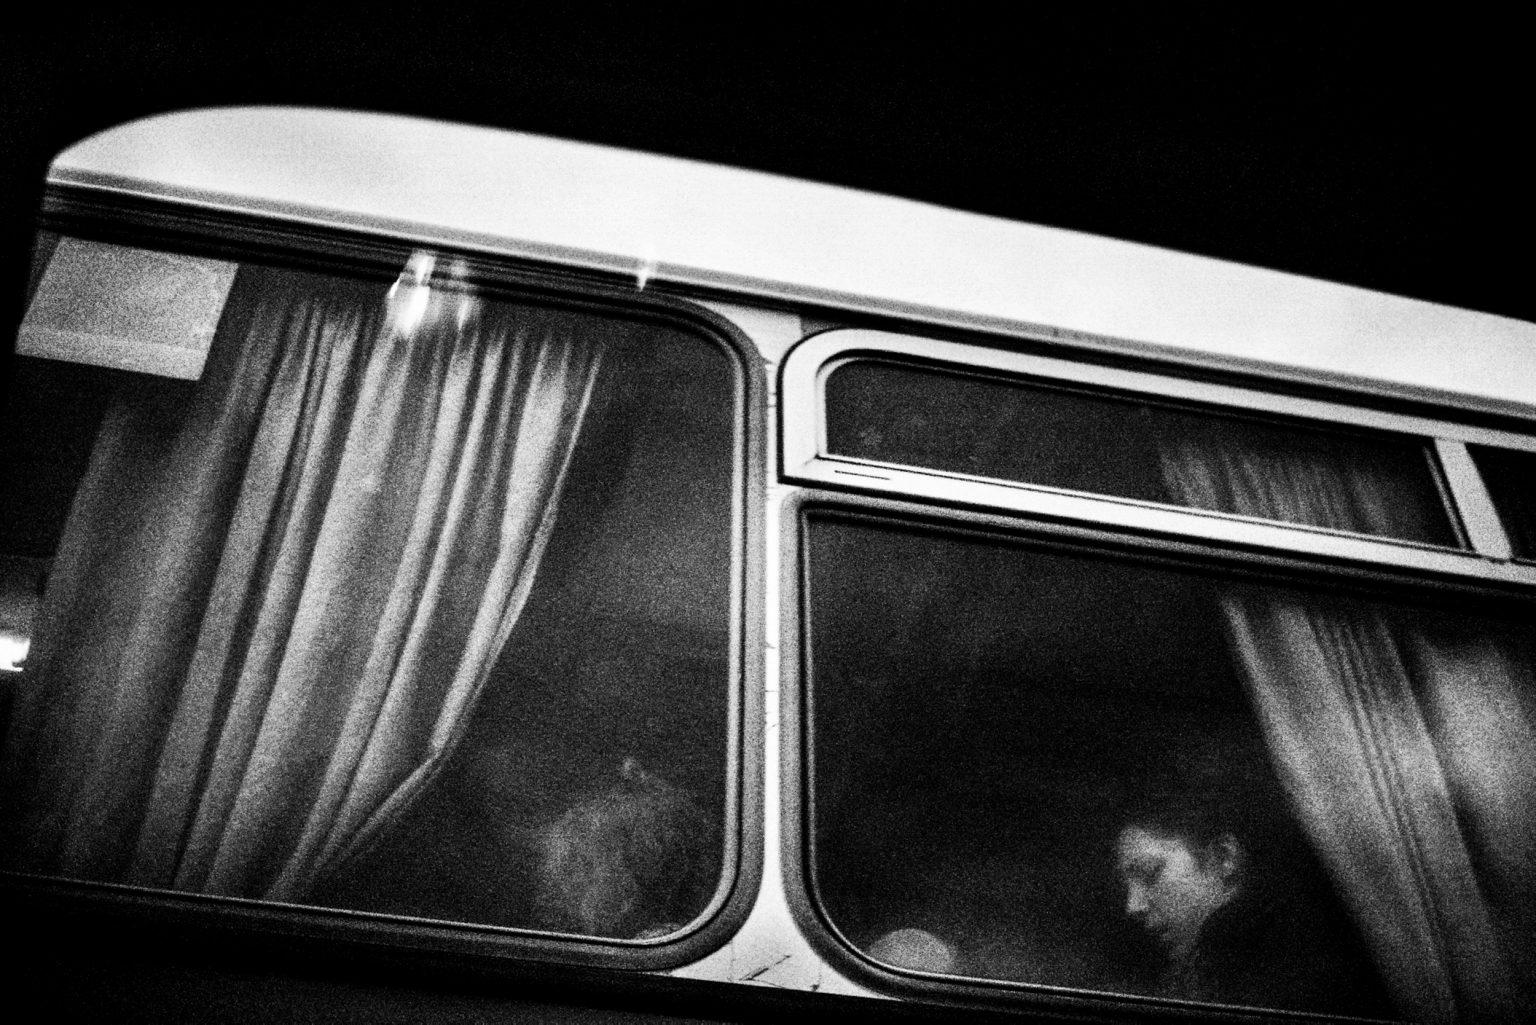 Berlin , 2010- Berlin Diary is a research that documents the margins of society; an investigation into different worlds including relationships; the loneliness of the human being; alcoholism and abuse; lovers and their conflicts and finally the relationship between people and city. A bus in Neukolln. >< Berlino ,2010- Berlin Diary è una ricerca che documenta i margini della società; un'indagine in mondi diversi tra cui si esplorano relazioni; la solitudine dell'essere umano; L'alcolismo e gli abusi; gli amanti e i loro conflitti e infine; il rapporto tra persone e città.Un bus a Neukolln.